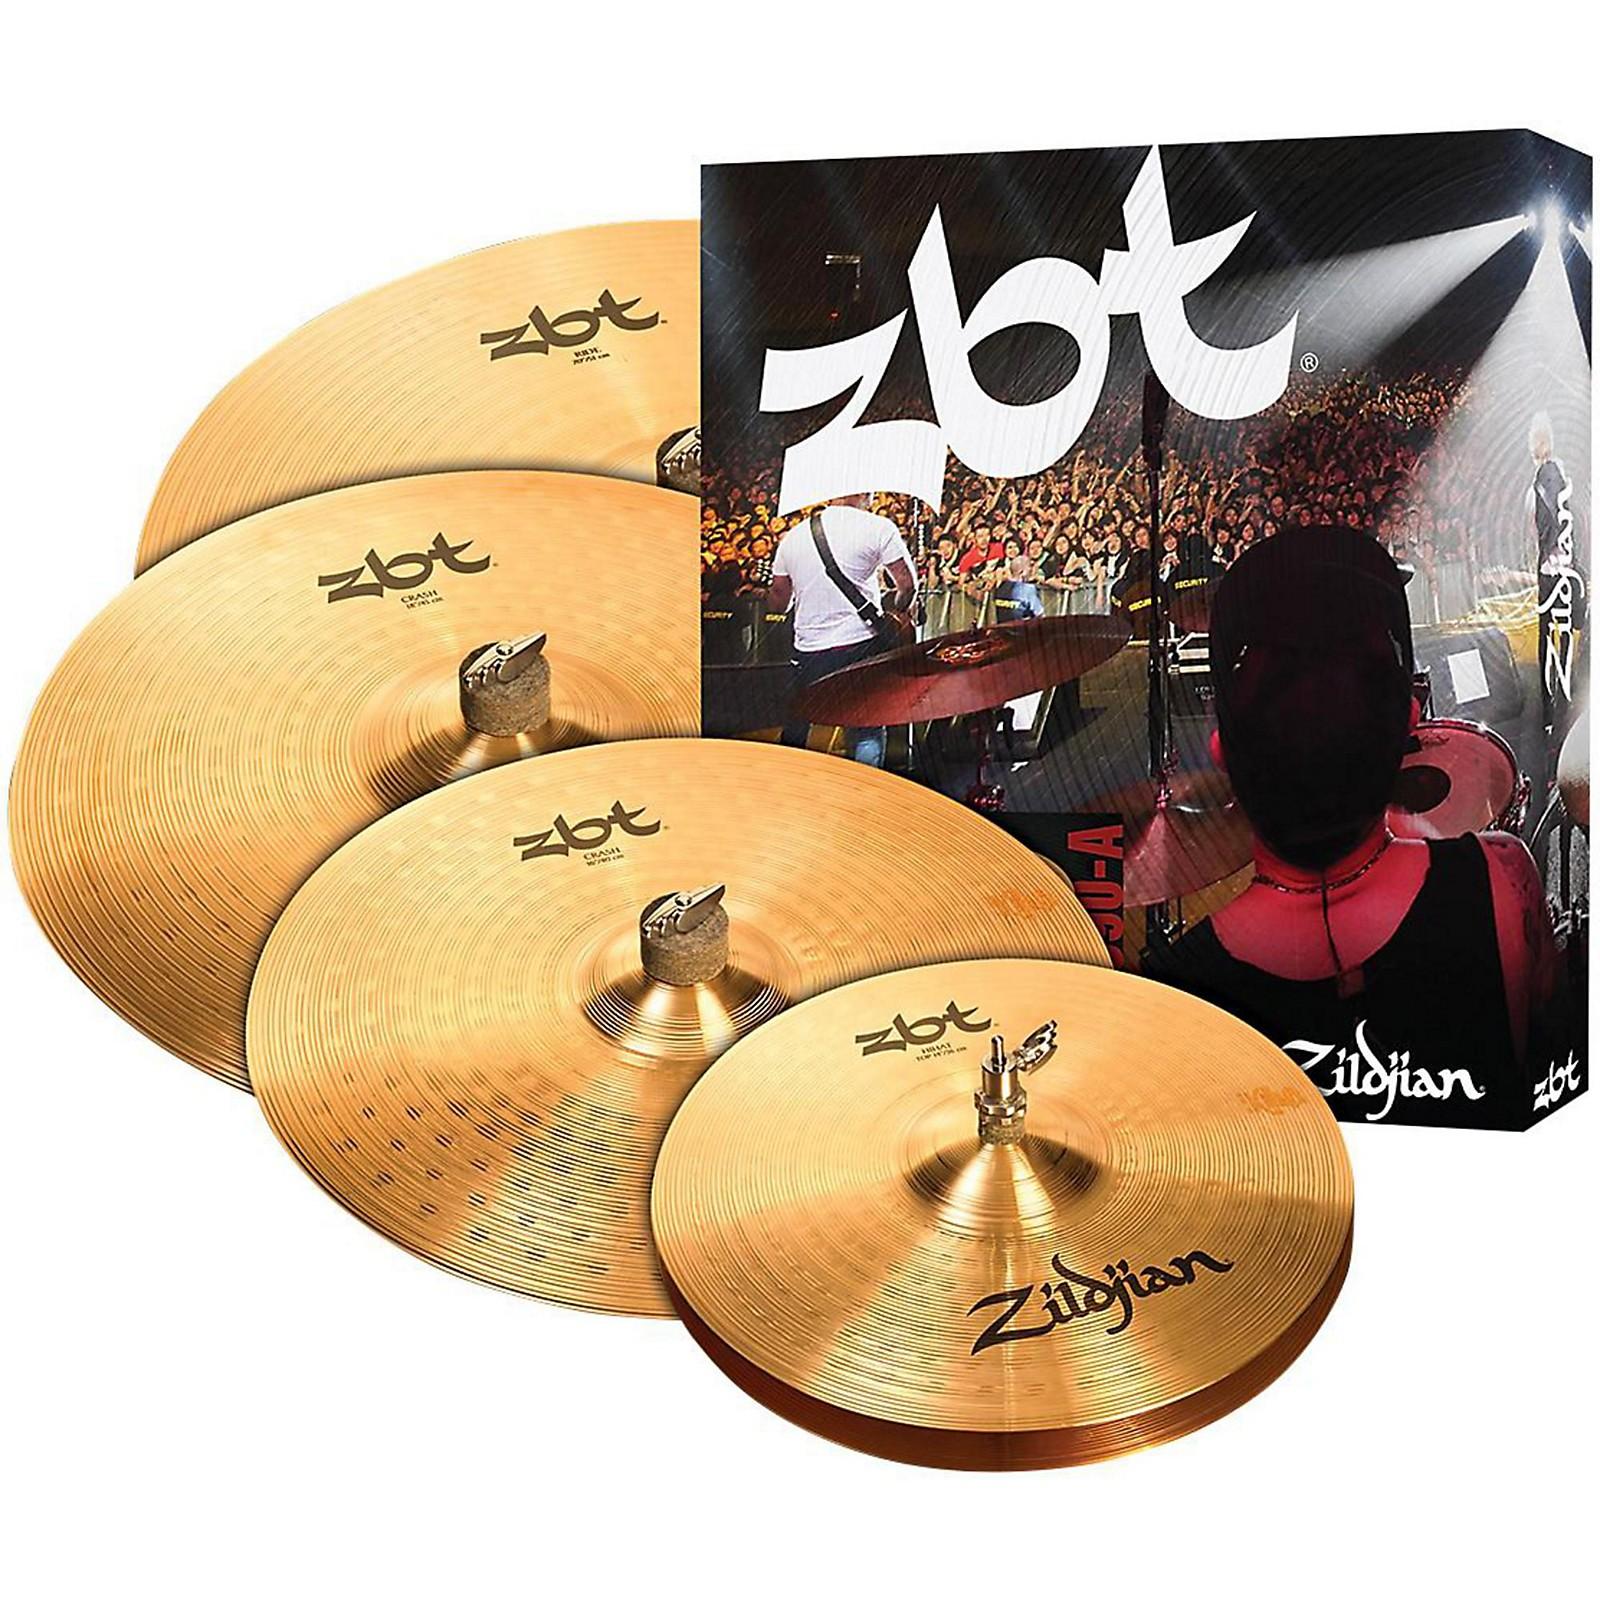 Zildjian ZBTP390-A Cymbal Set with free 18